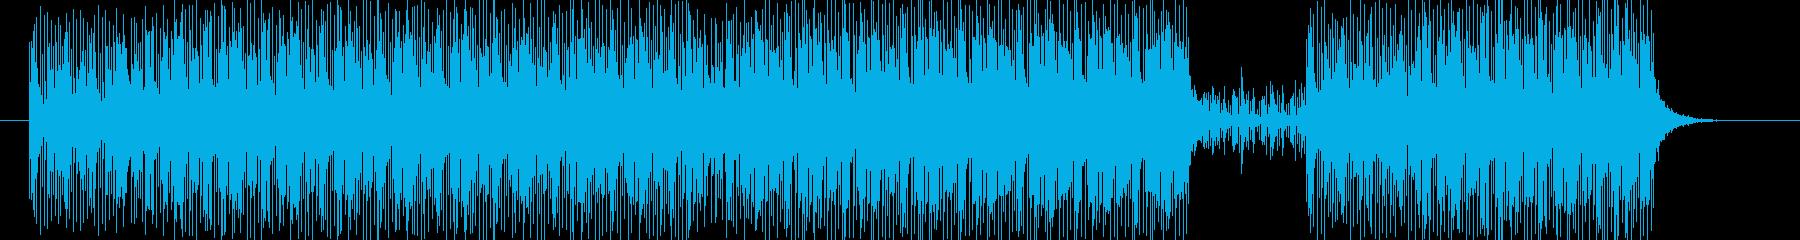 無機質で疾走感のある楽曲の再生済みの波形